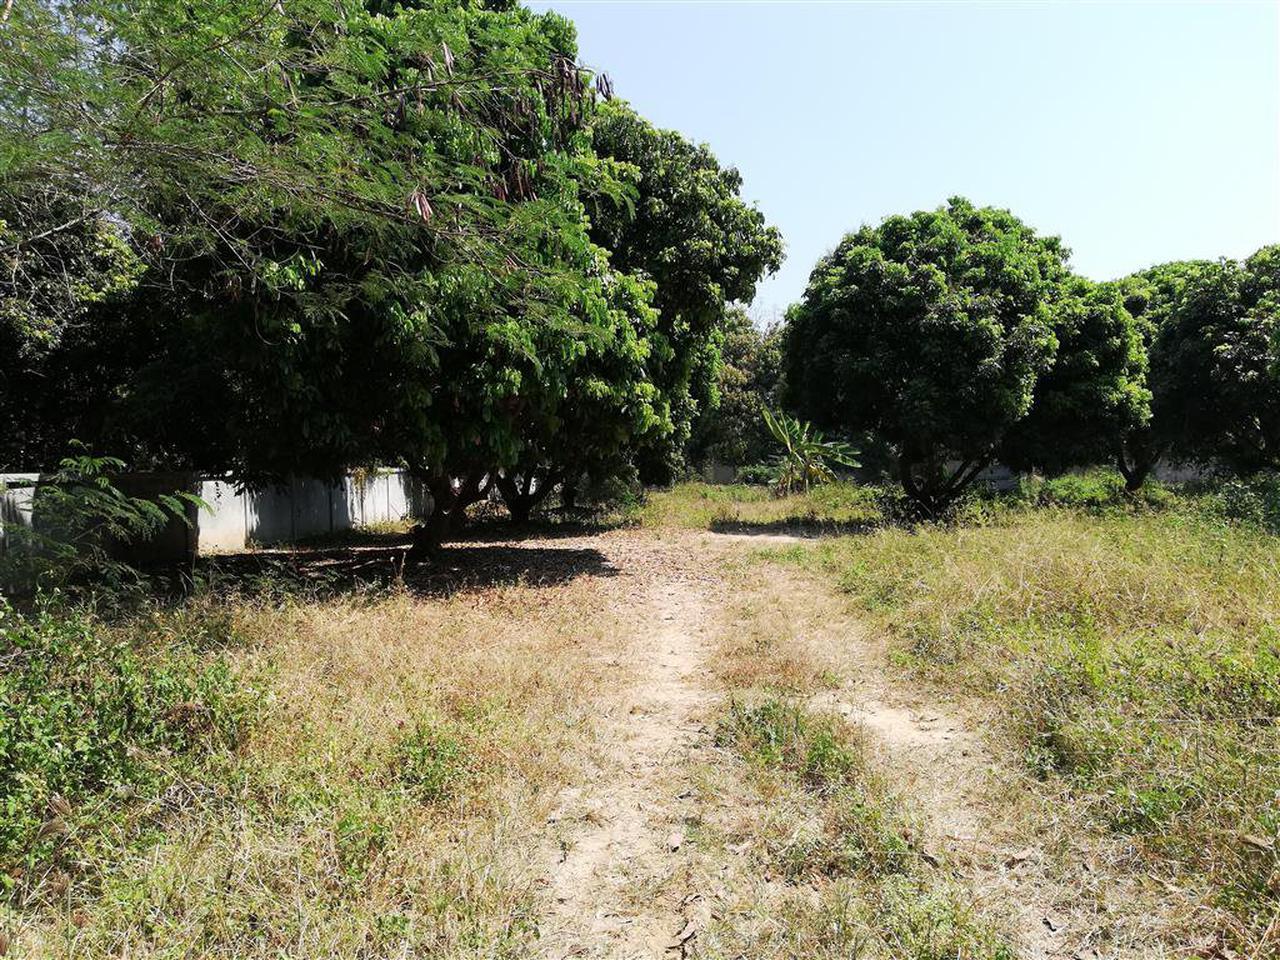 SRP01ขายที่สวน2-2-05.7ไร่ติดทางสาธารณประโยชน์ที่เชื่อมกับถนน รูปที่ 6